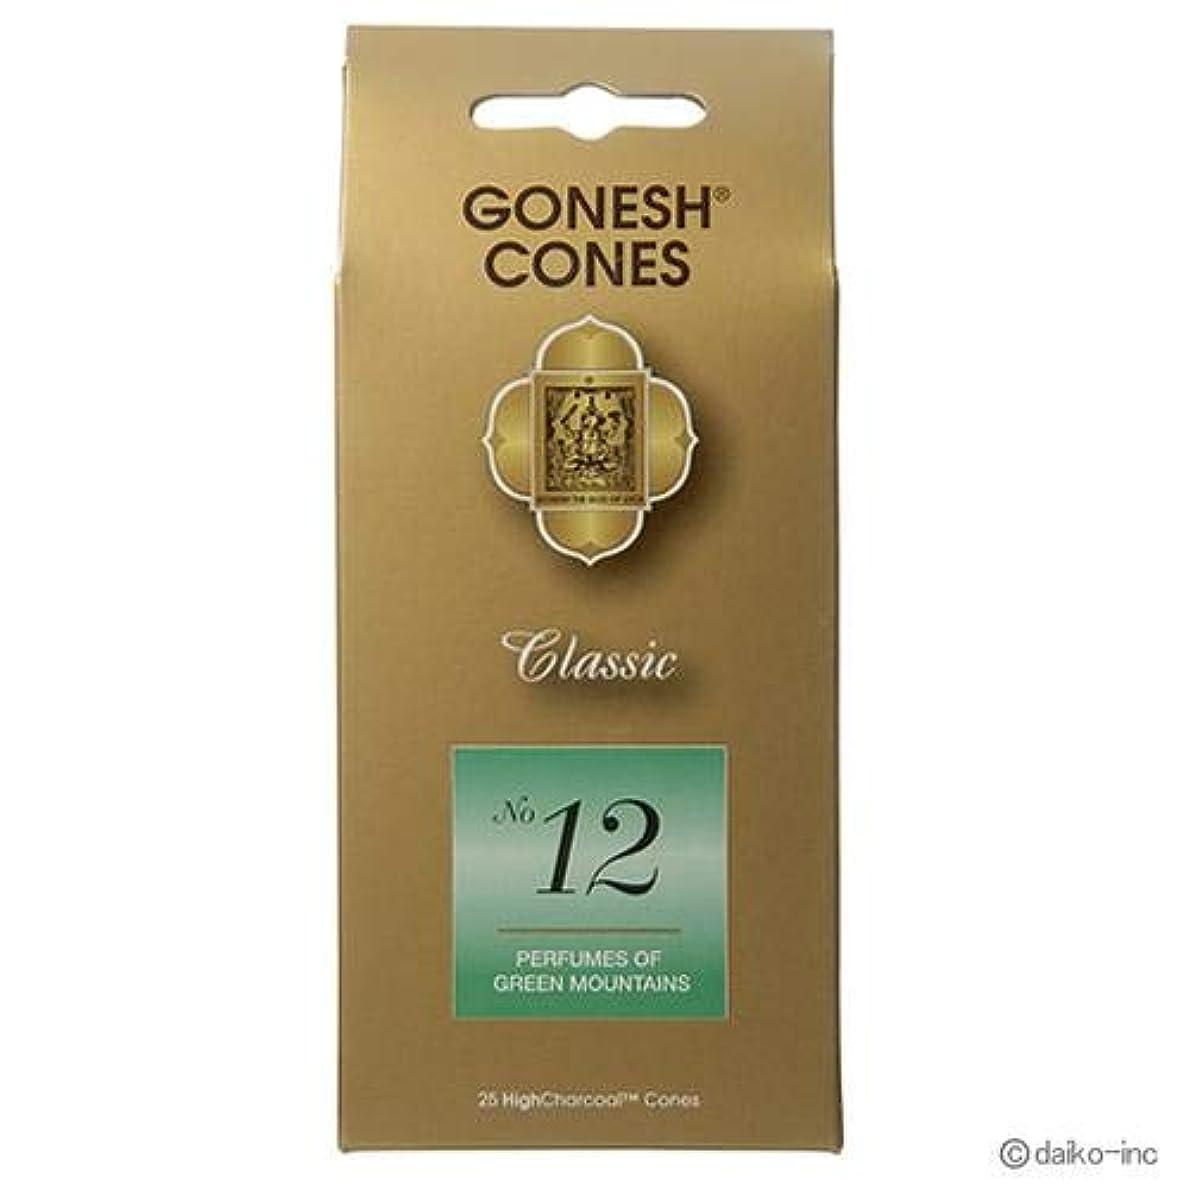 辛なほとんどない歴史家ガーネッシュ GONESH クラシック No.12 お香コーン25ヶ入 6個セット